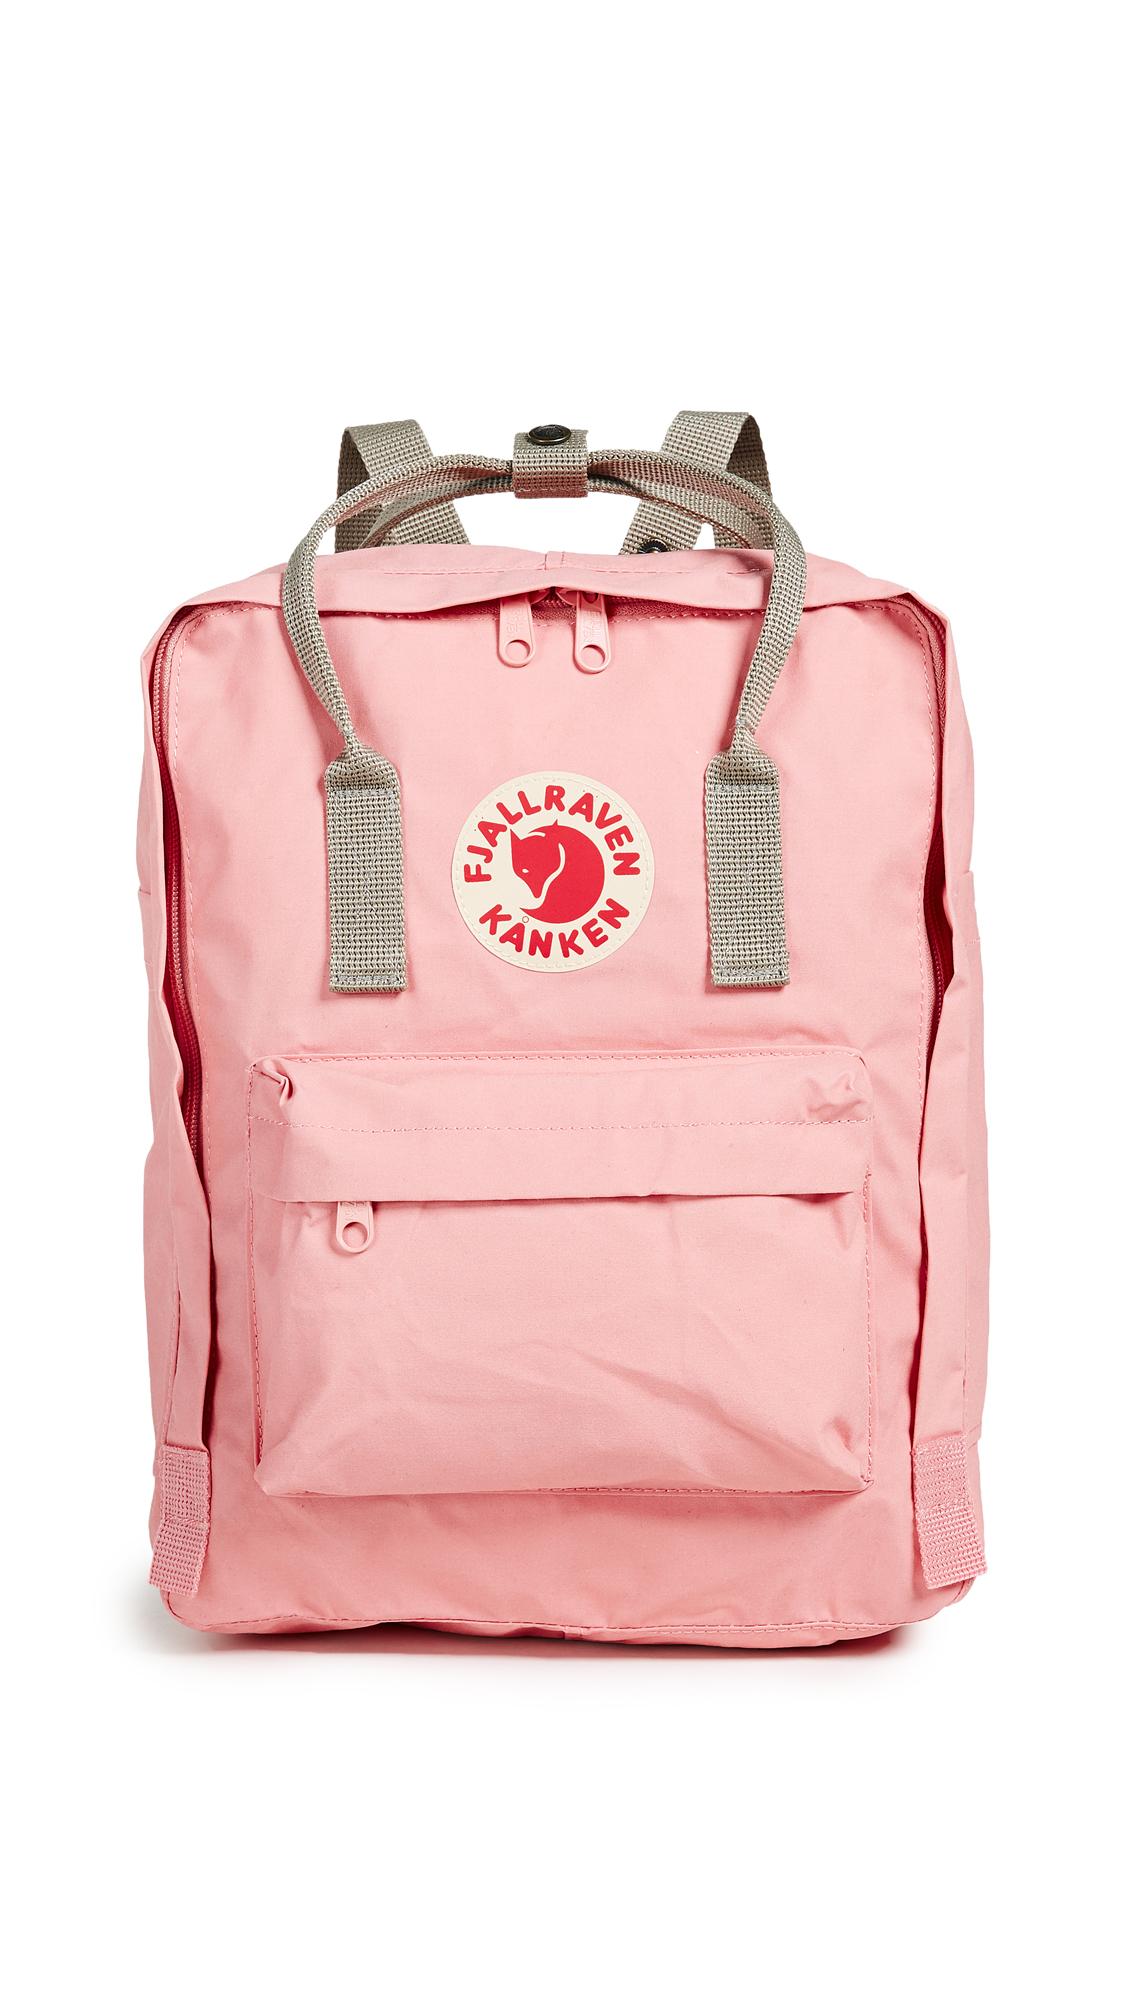 Fjallraven Kanken Backpack - Fog/Pink